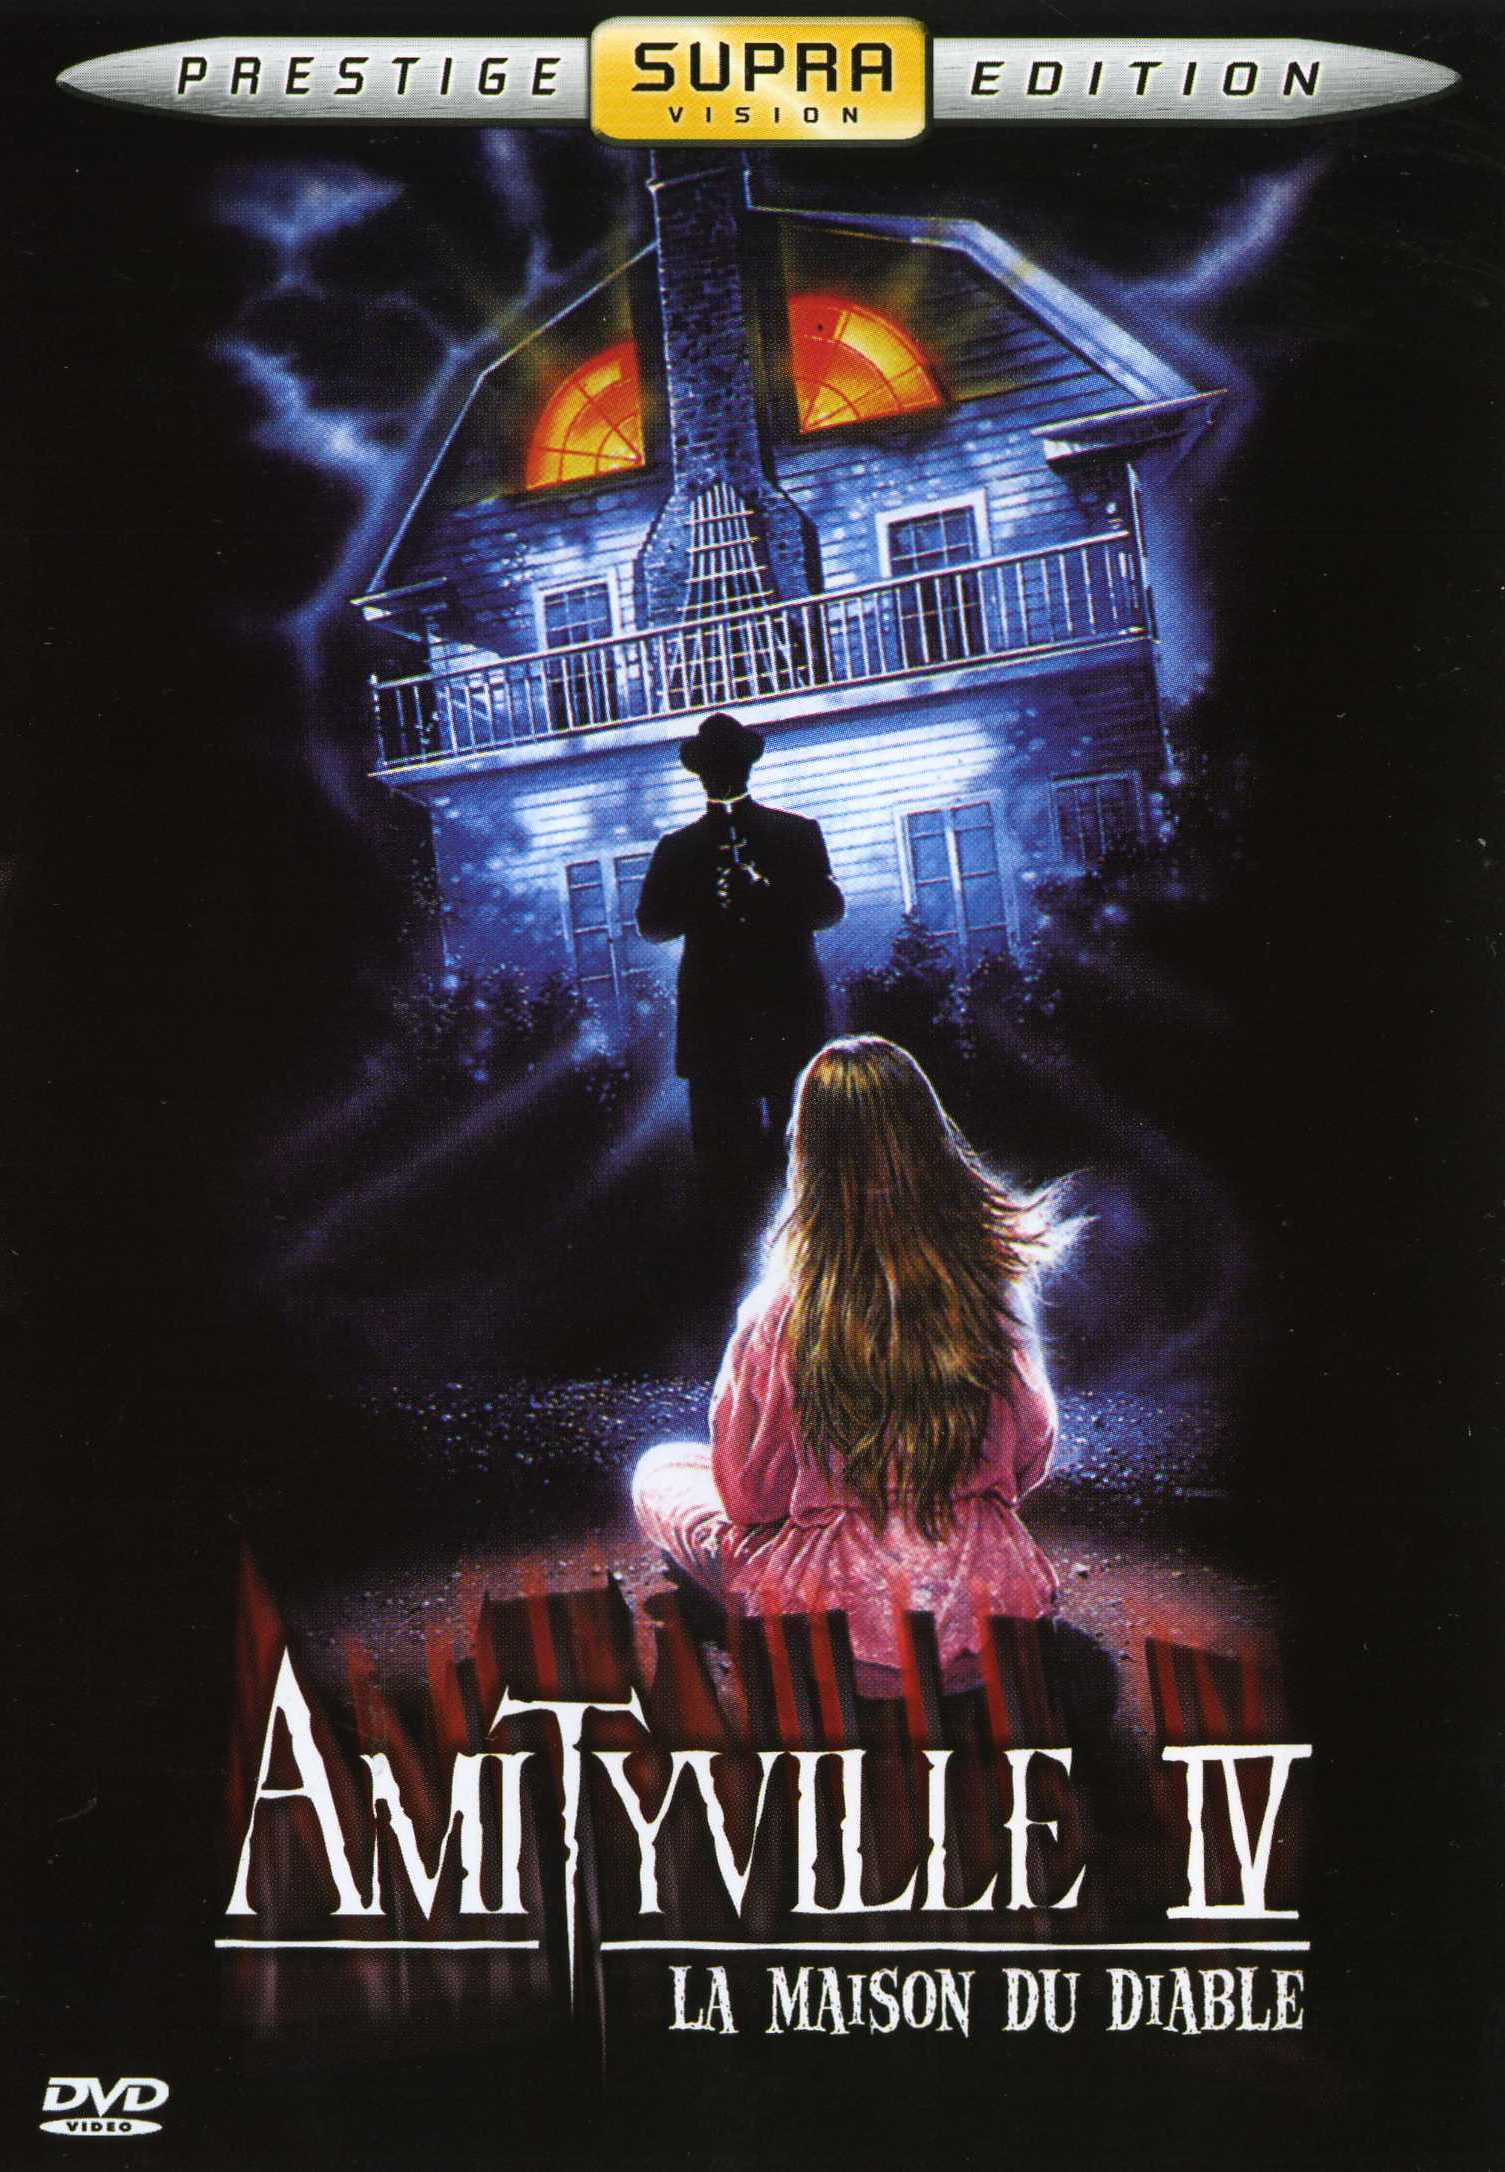 affiche du film Amityville 4 (TV)